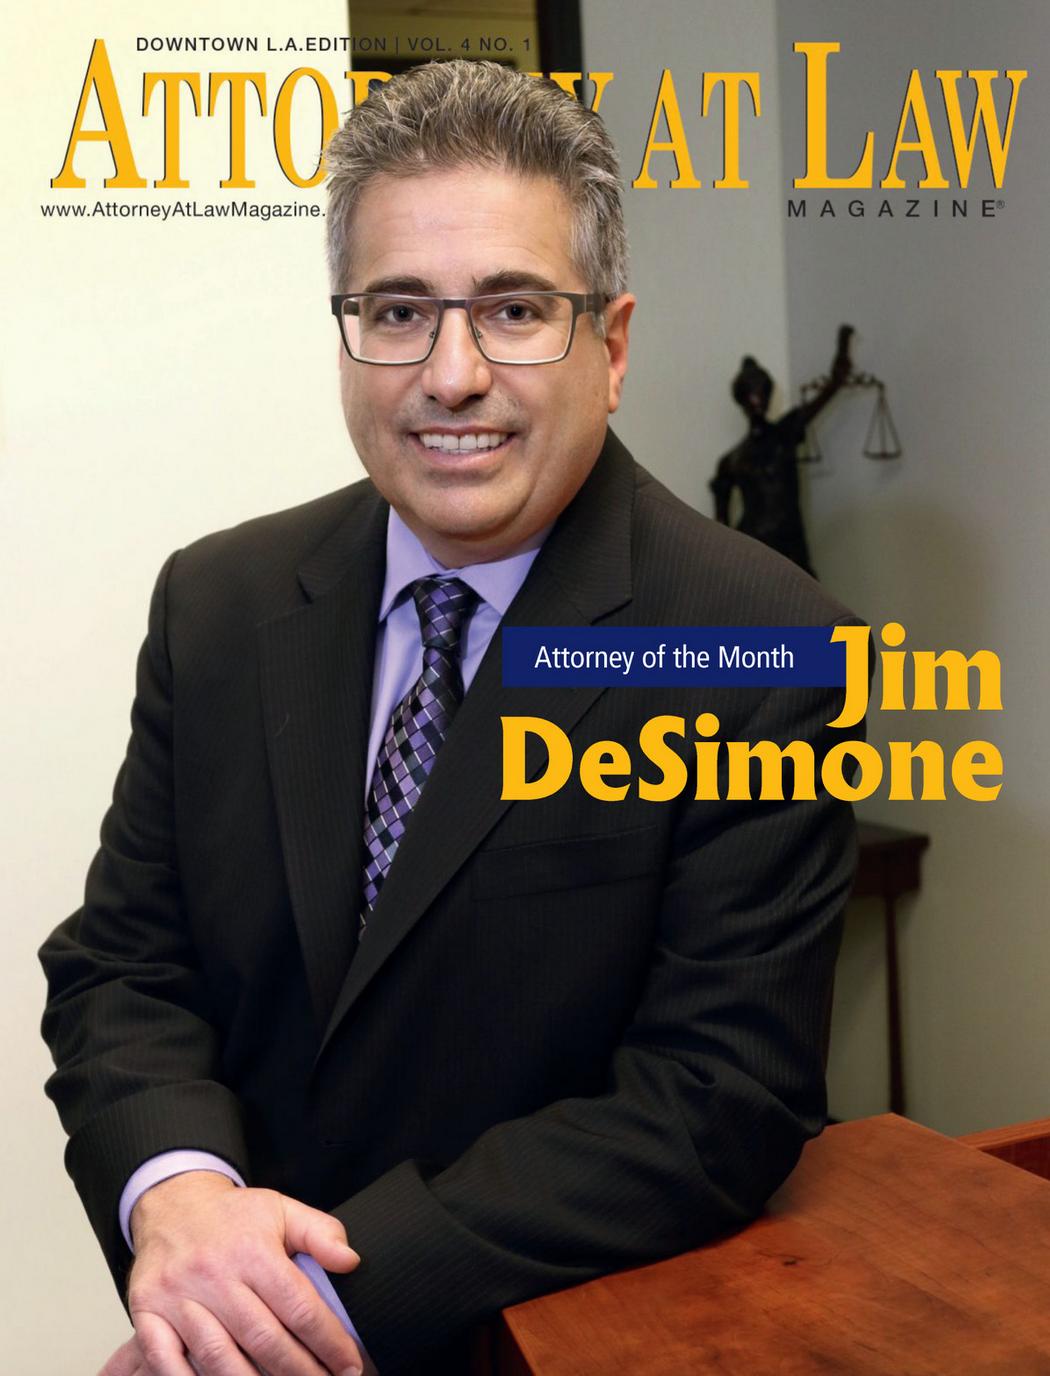 Attorney DeSimone Attorney at Law magazine